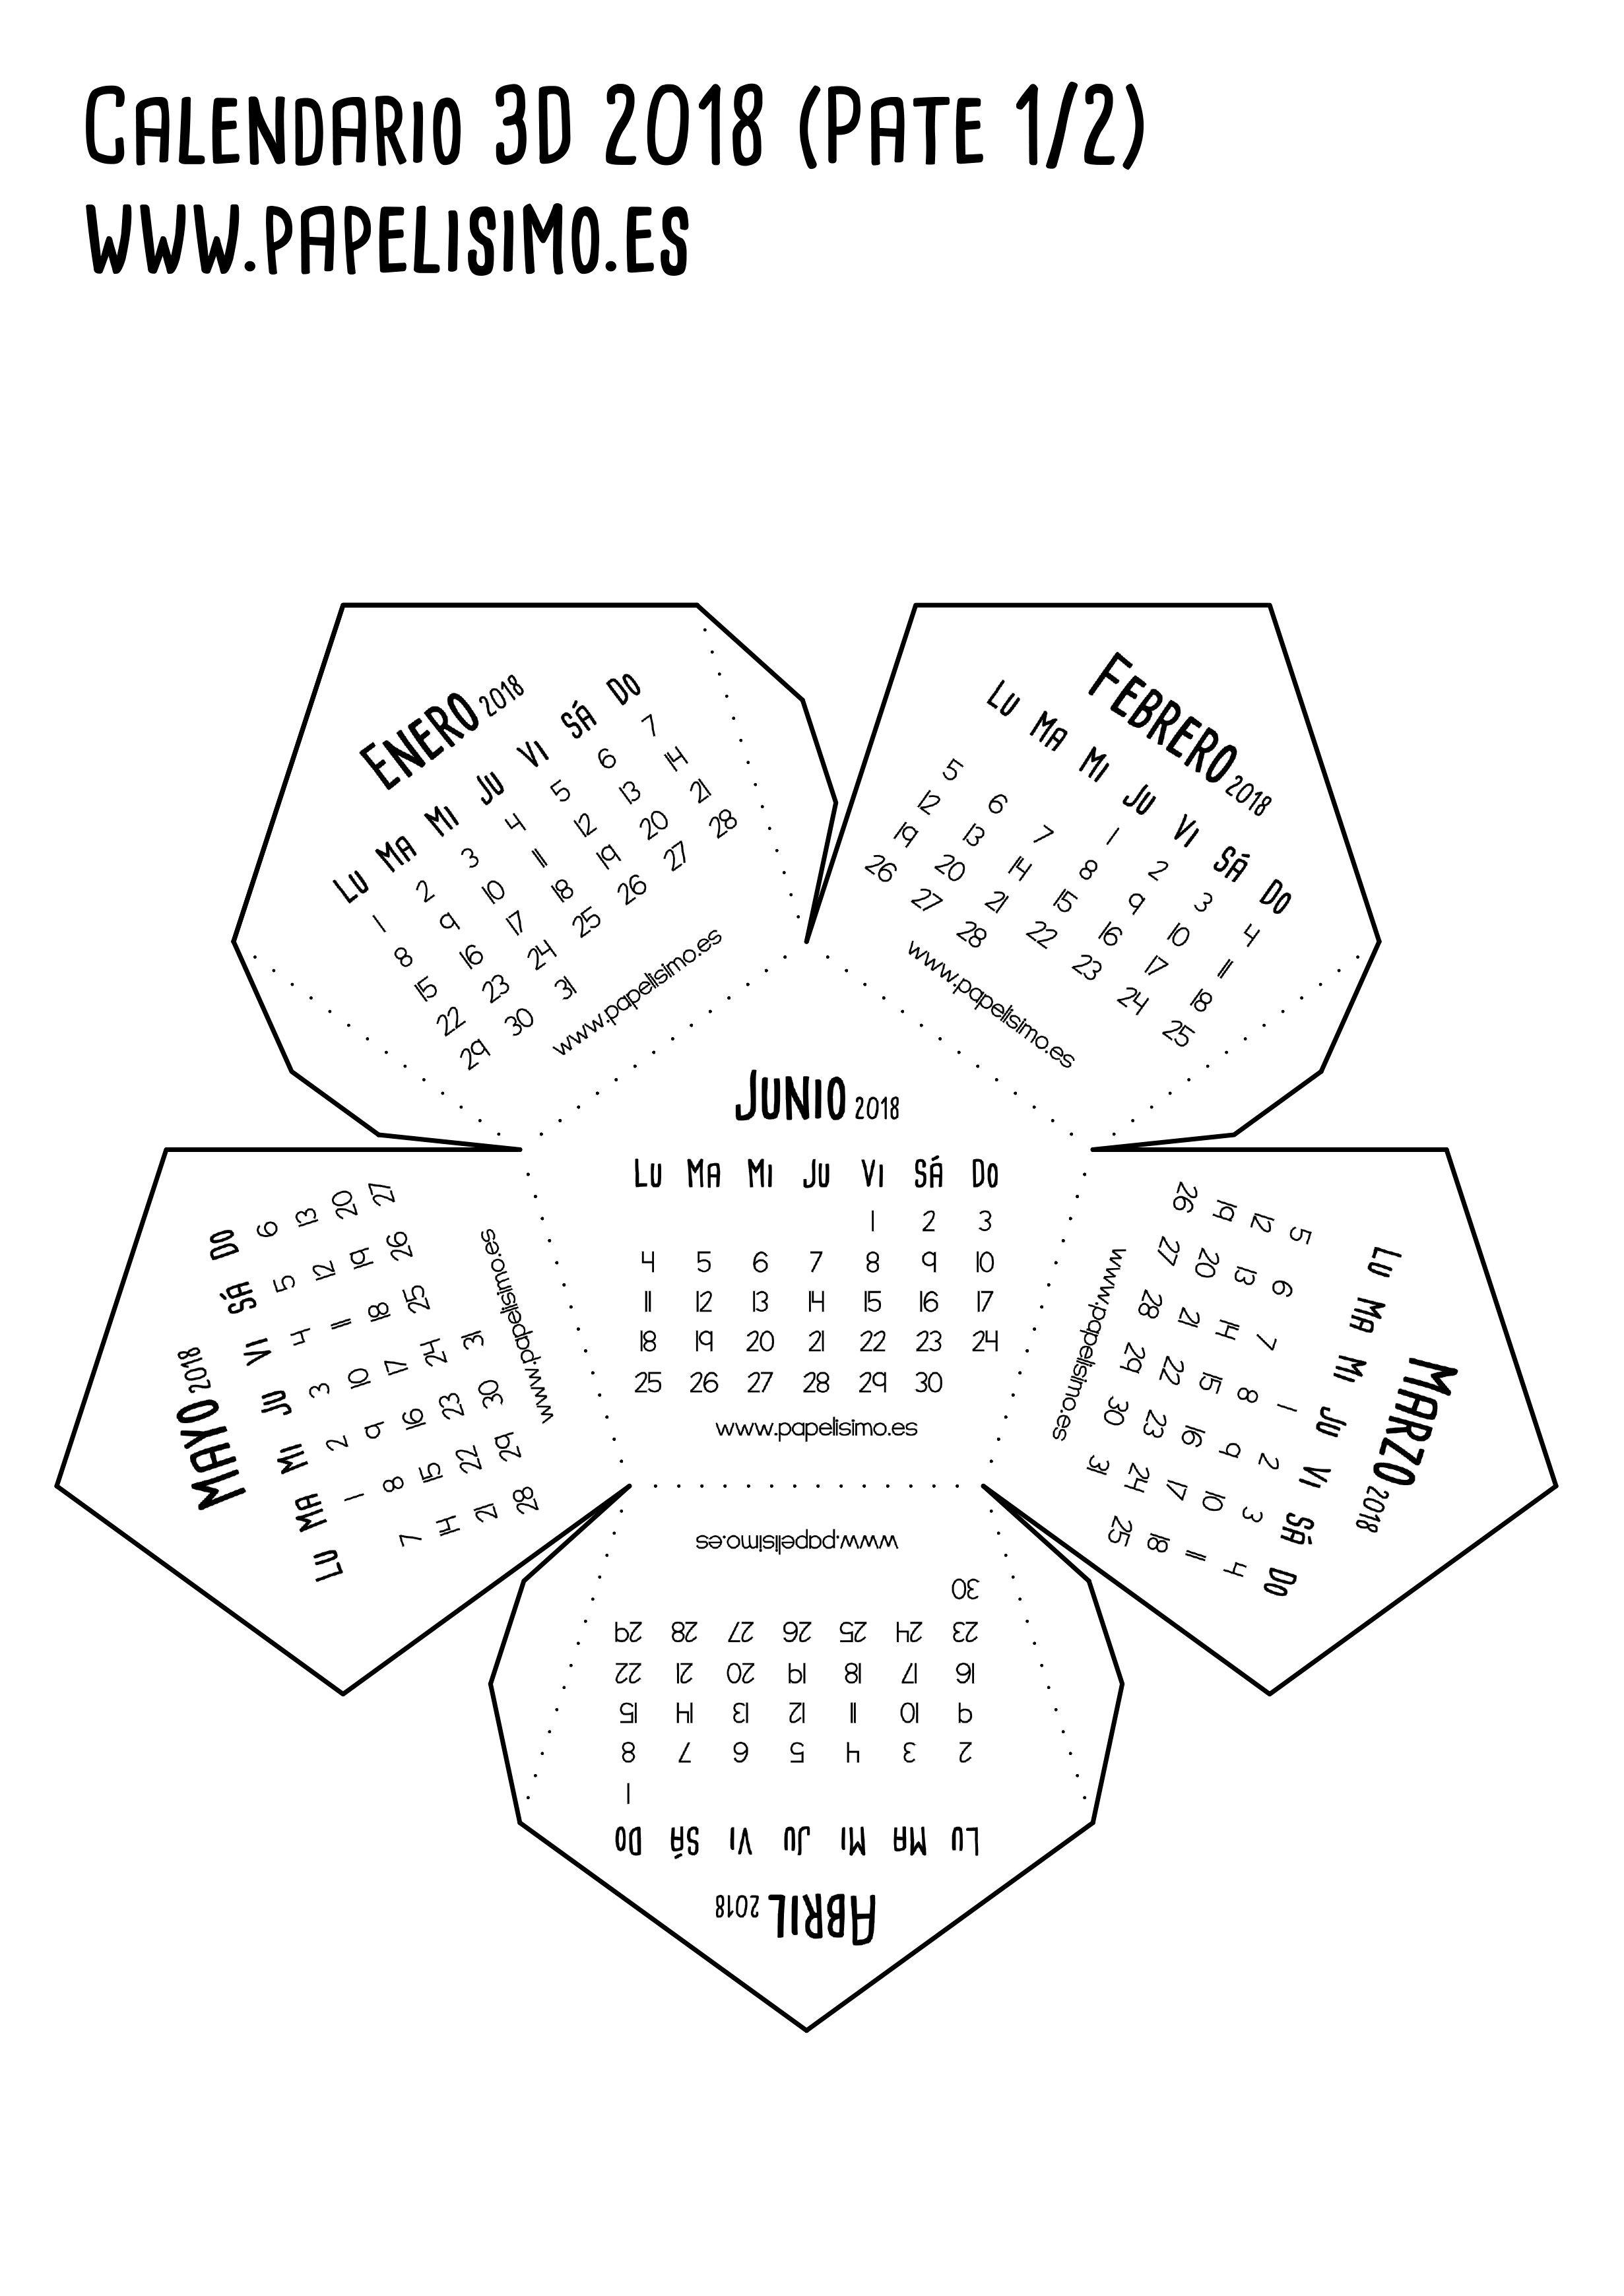 Calendario 3d 2018 pdf para imprimir-Parte 1 | Para Notas | Pinterest